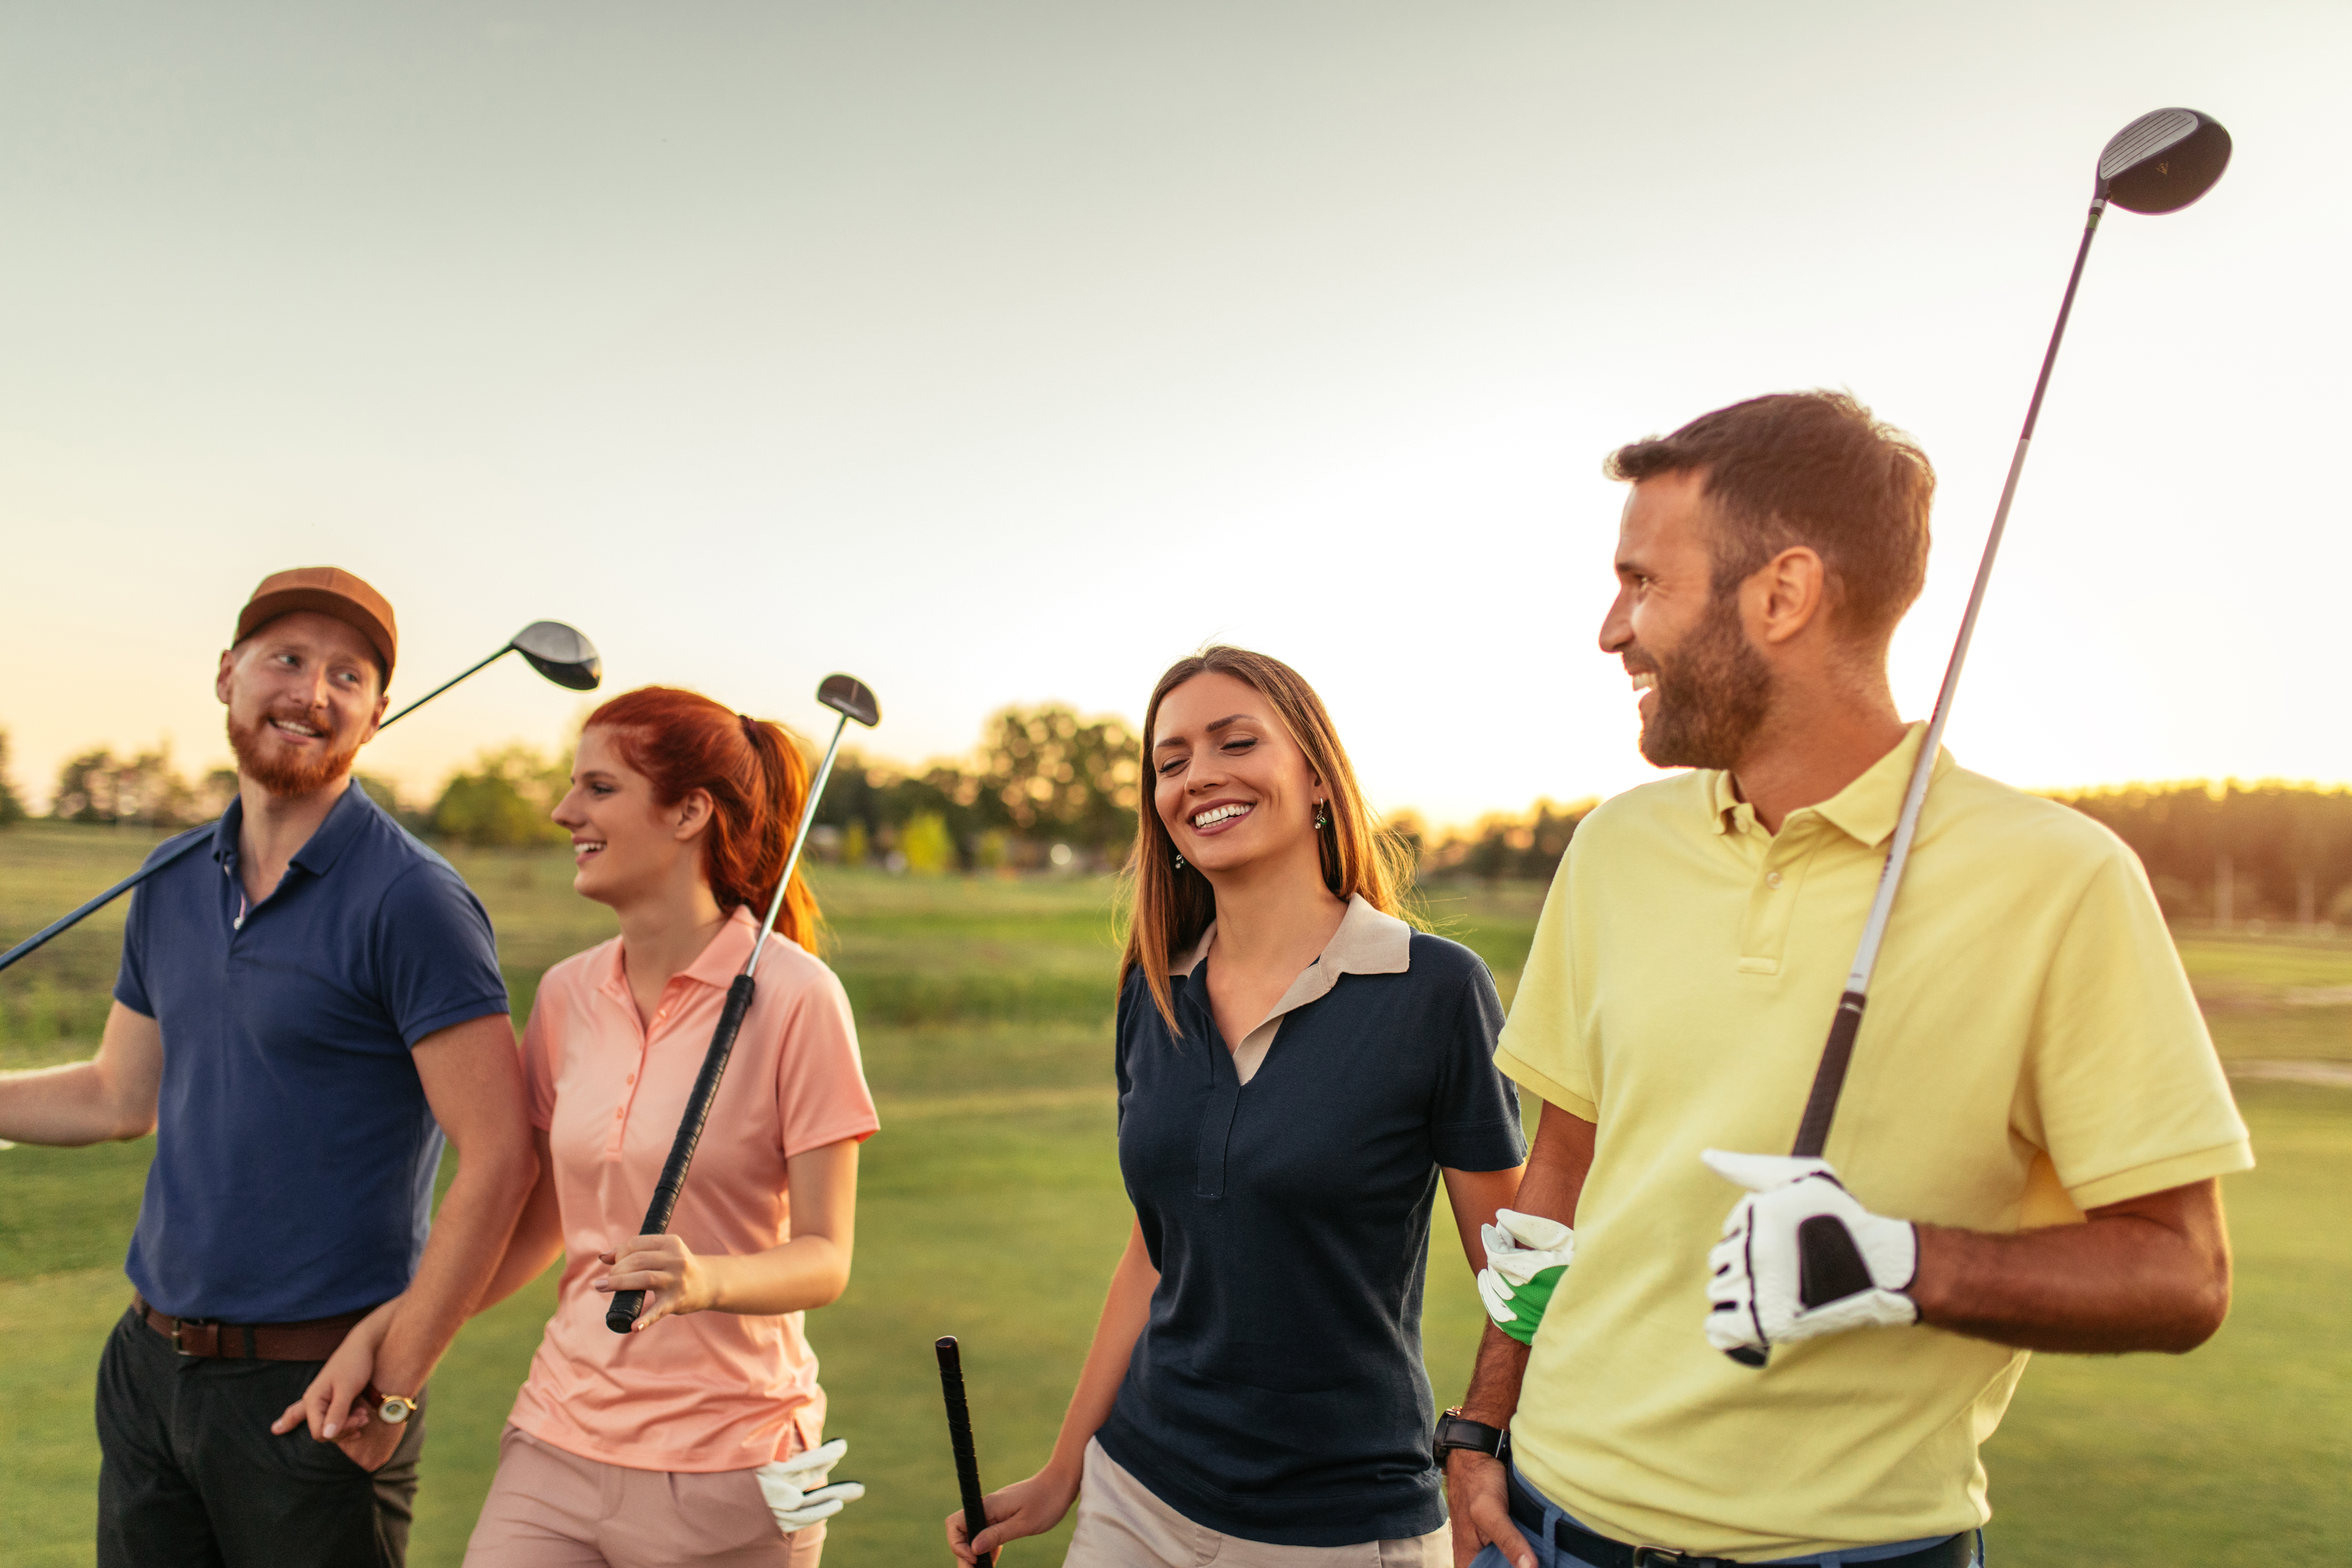 Golf con amigos